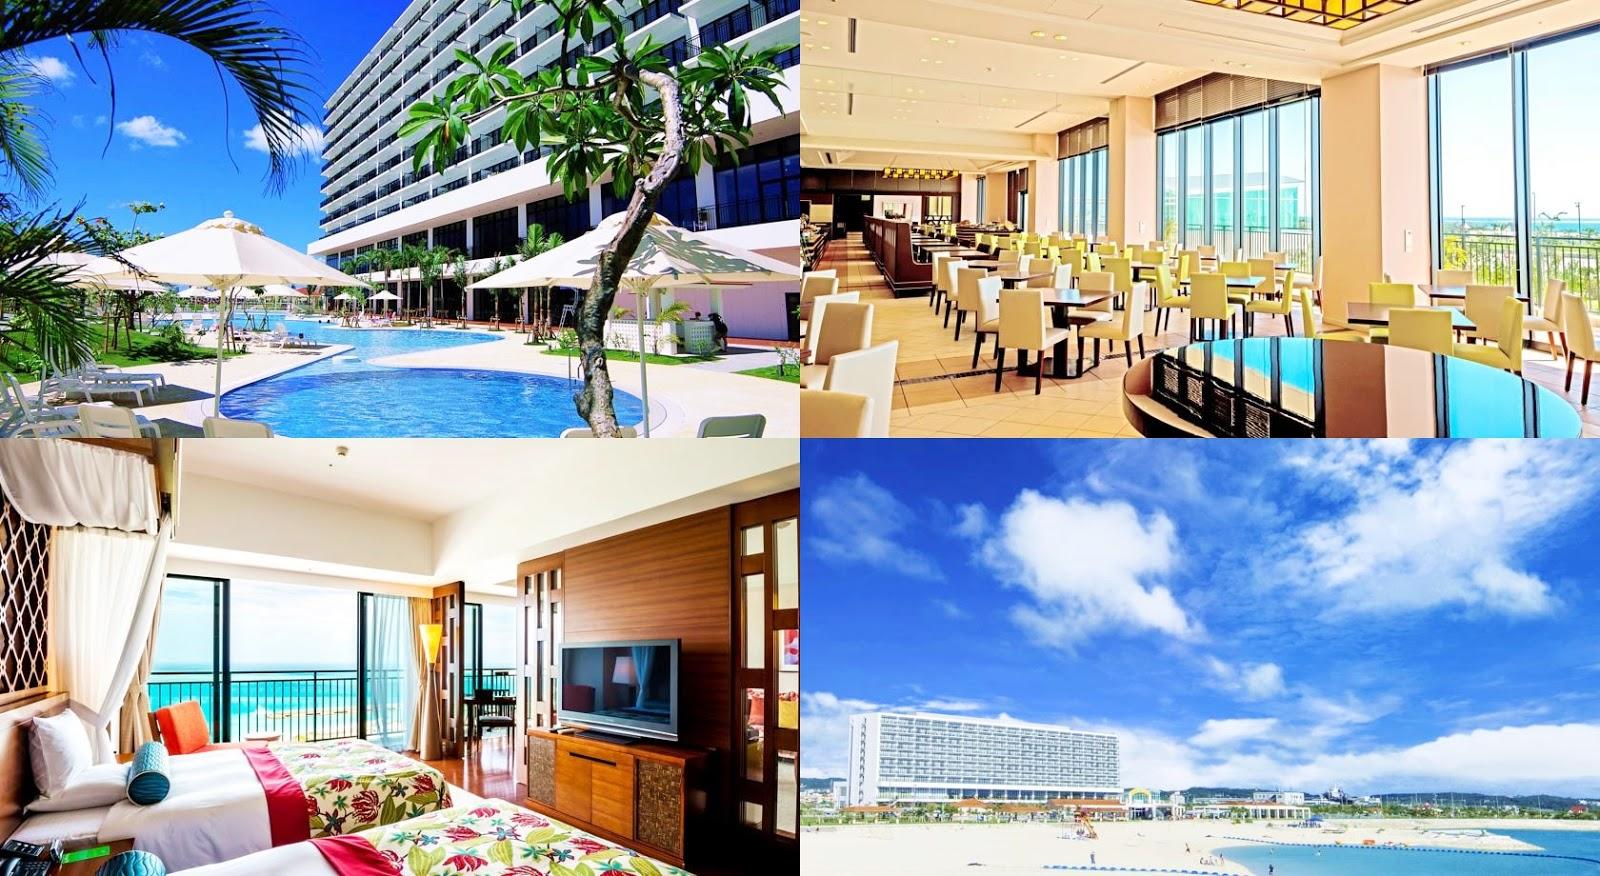 沖繩-沖繩住宿-推薦-沖繩飯店-沖繩旅館-沖繩民宿-沖繩公寓-沖繩酒店住宿-住宿-沖繩必住住宿-南方海灘度假酒店-Southern-Beach-Hotel&Resort-Okinawa-hotel-recommendation